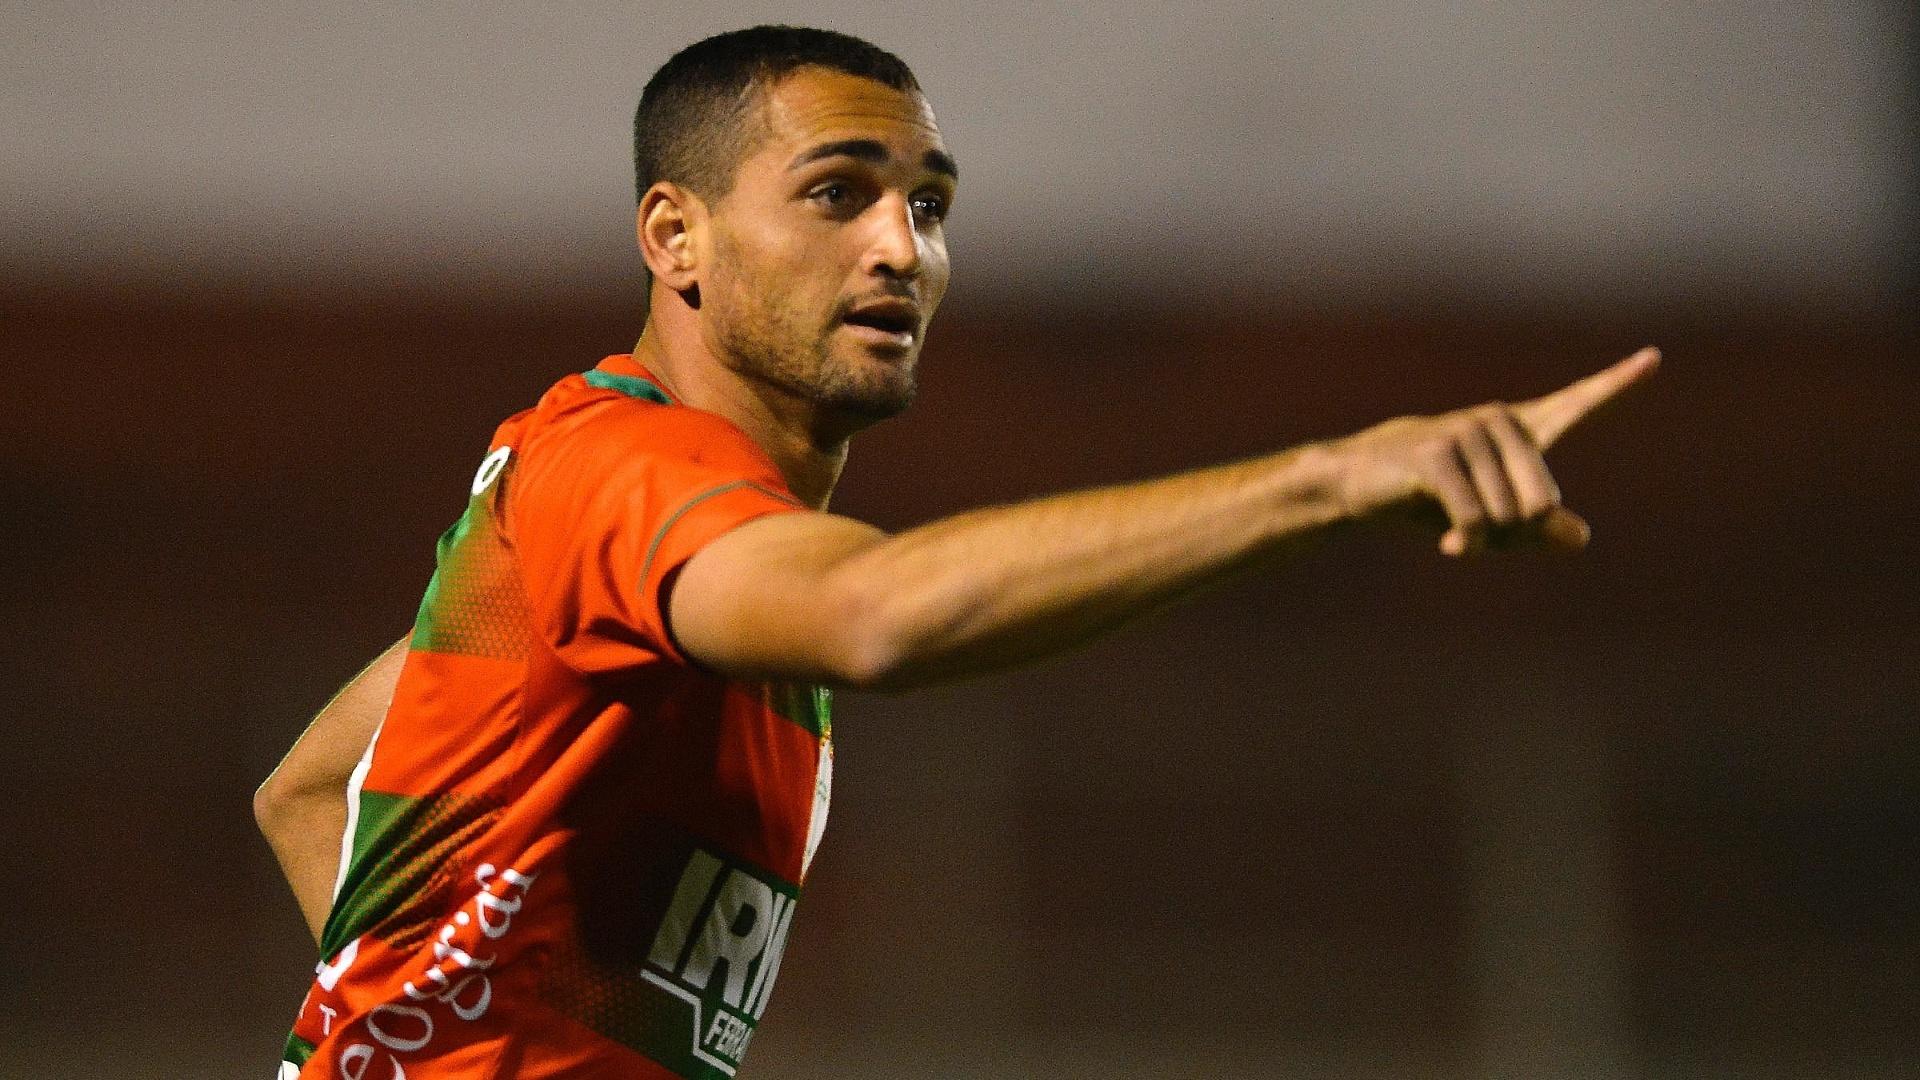 Gilberto comemora gol marcado pela Portuguesa na partida contra o Bahia, neste sábado, pelo Brasileirão